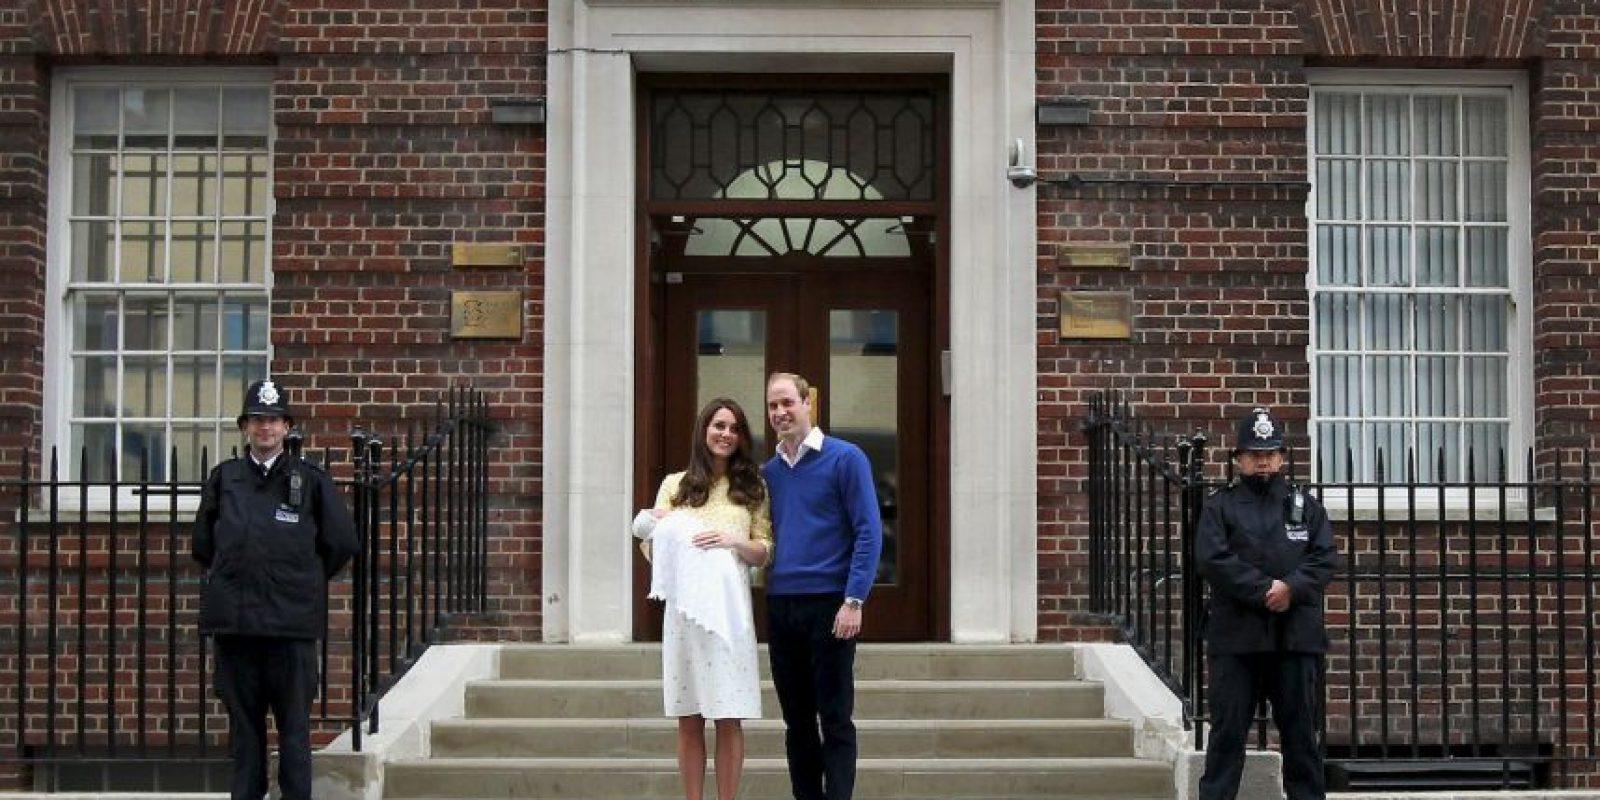 Inglaterra esperó hasta que la reina Isabel II aprobara el nombre antes de hacerlo público. Foto:Getty Images